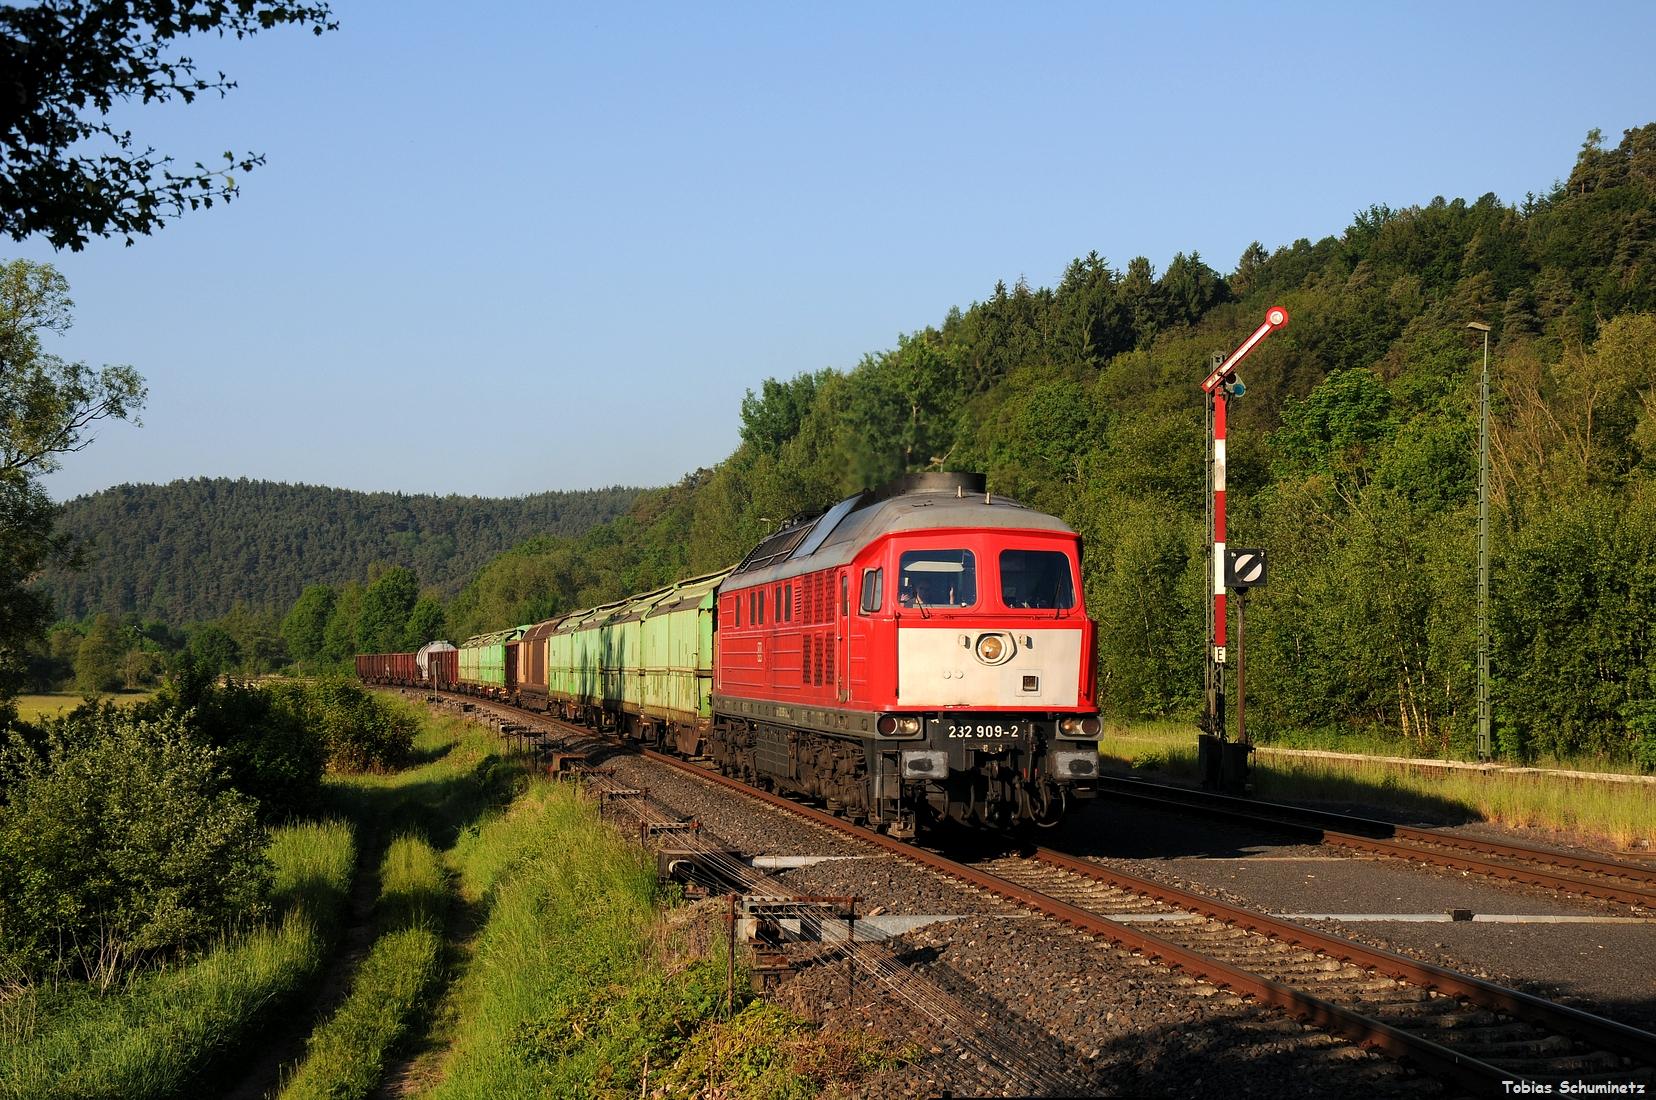 Nachdem der Regionalexpress durch war folgte der EZ45367 mit der 232 909. Besonders schön sind die mittlerweile seltenen grünen Hackschnitzelwagen hinter der Lok.